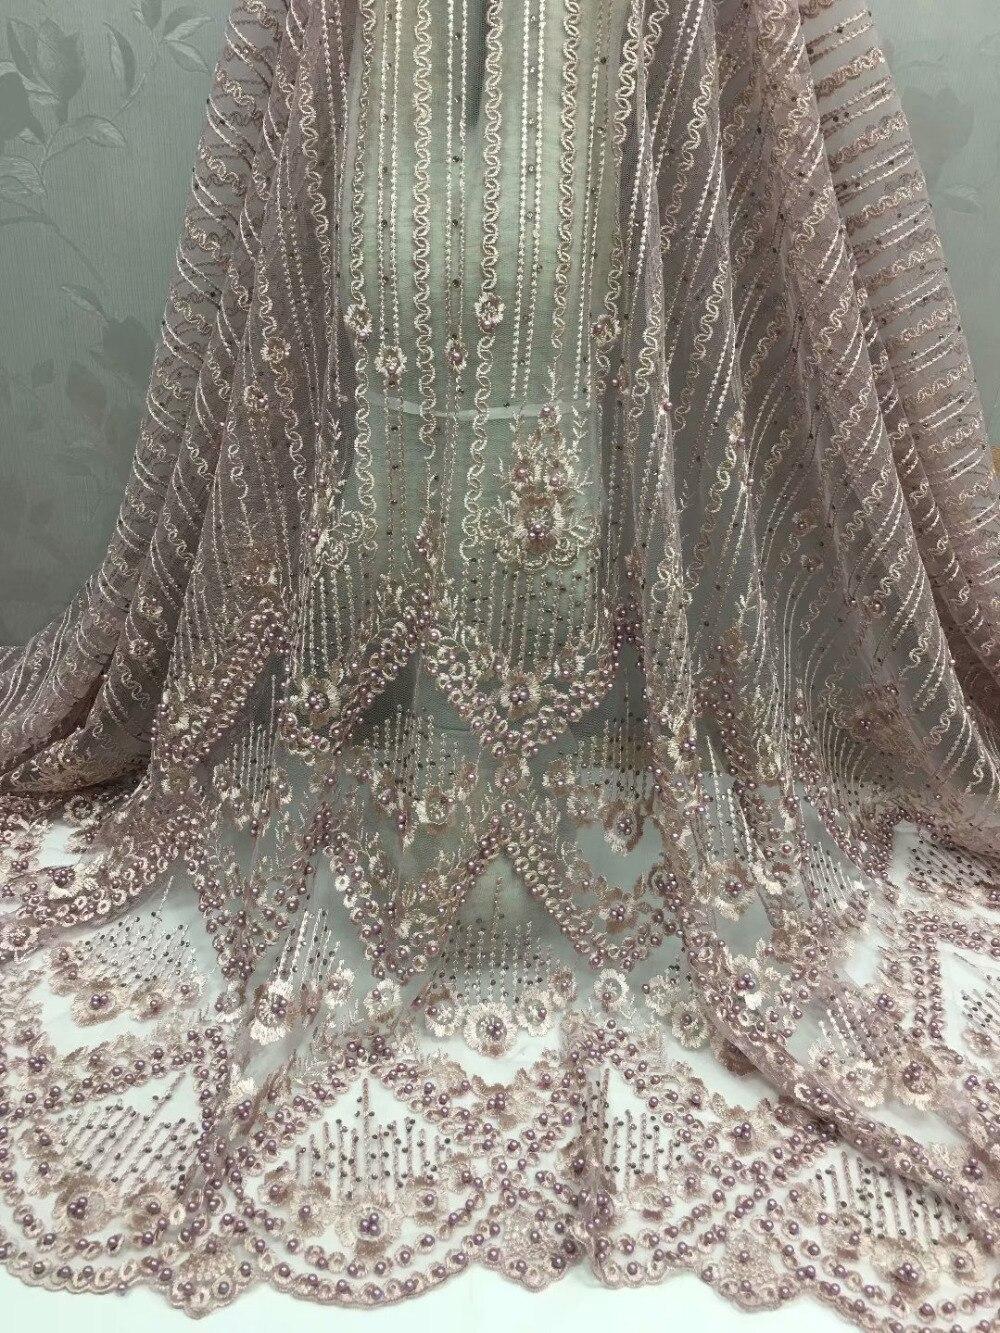 Elegante tela de tul nigeriano encaje francés con piedras cuentas 2018 tela de encaje de novia africana de alta calidad para vestido de novia dorado-in encaje from Hogar y Mascotas    2